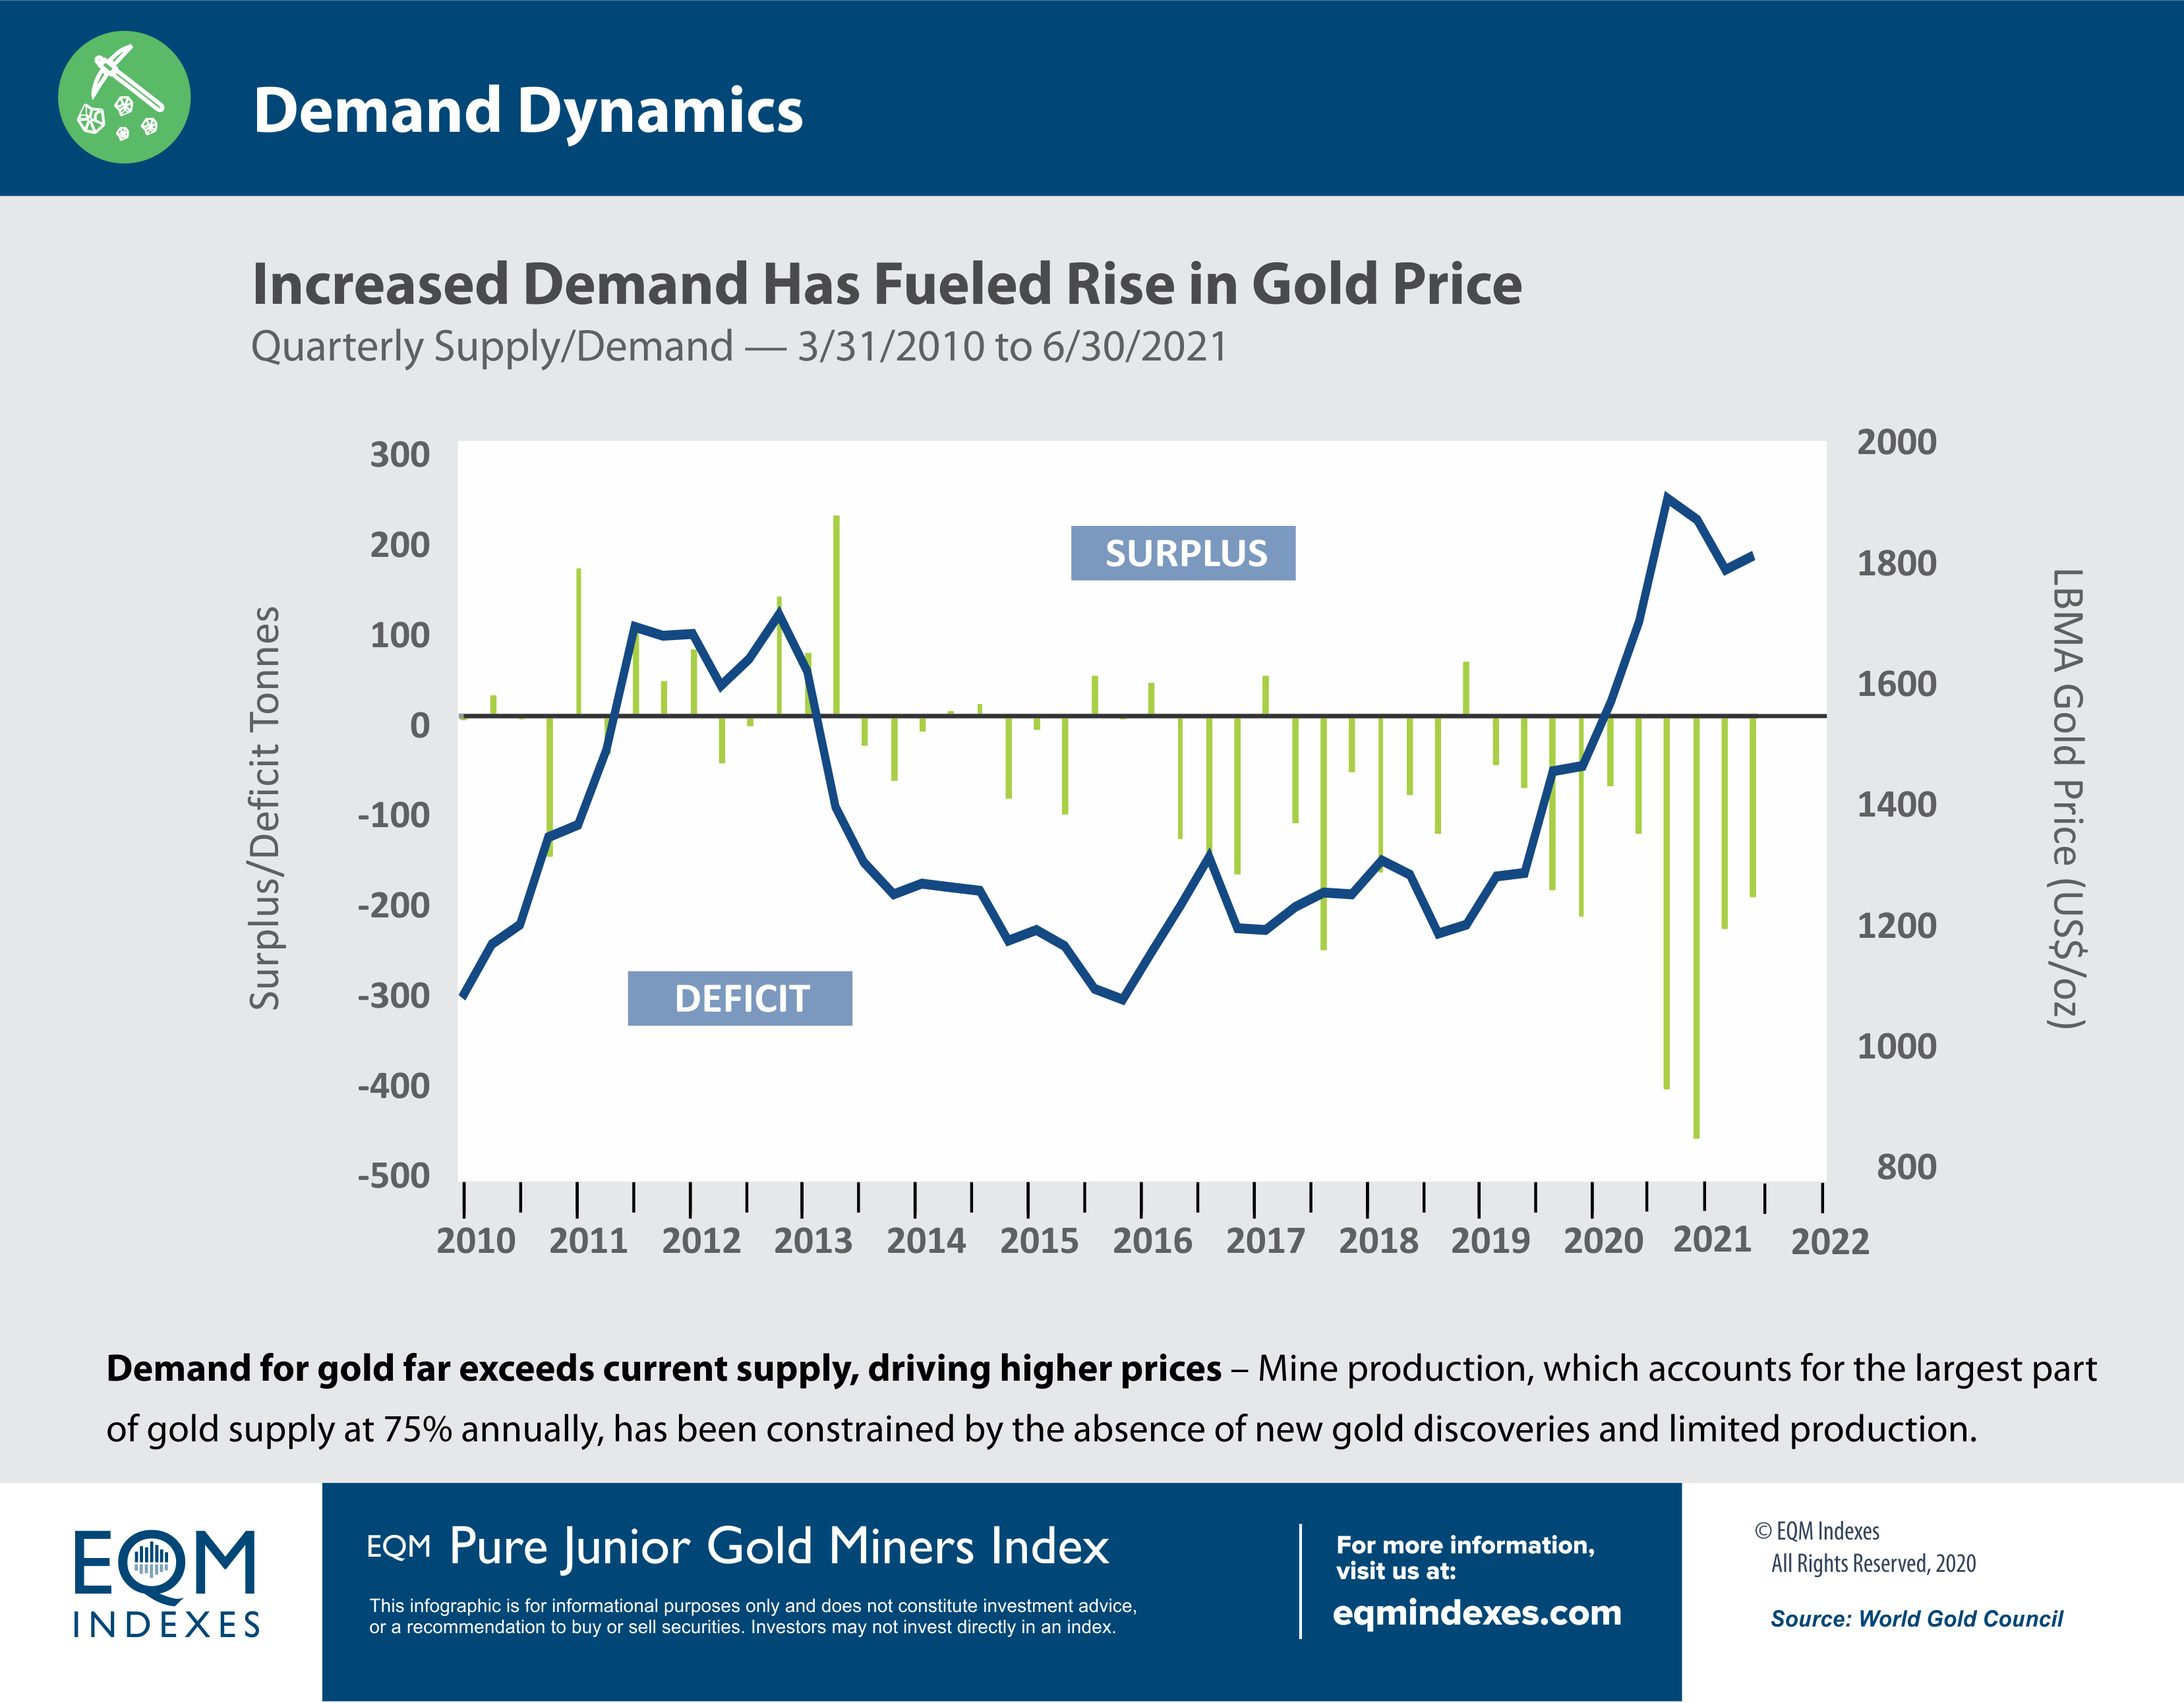 EQM Demand Dynamics